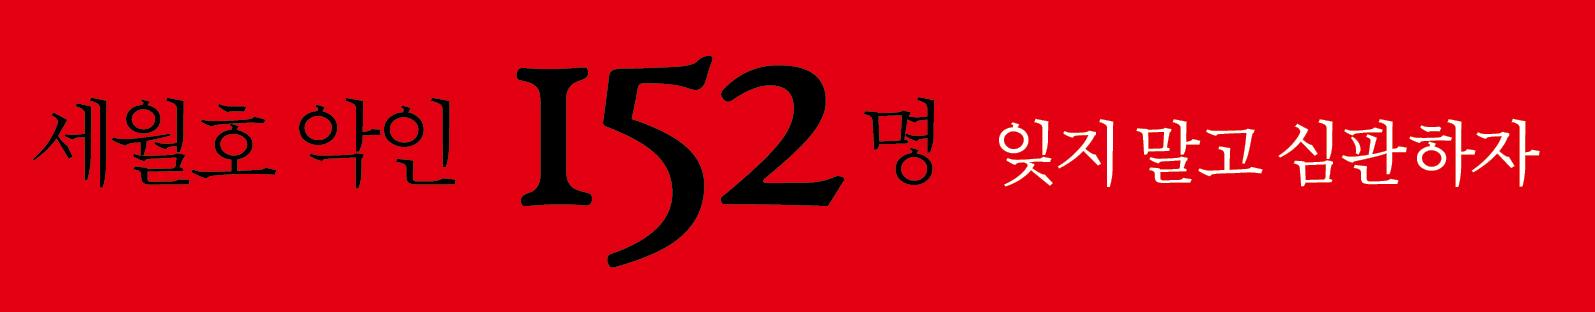 20170427_se2_1.png